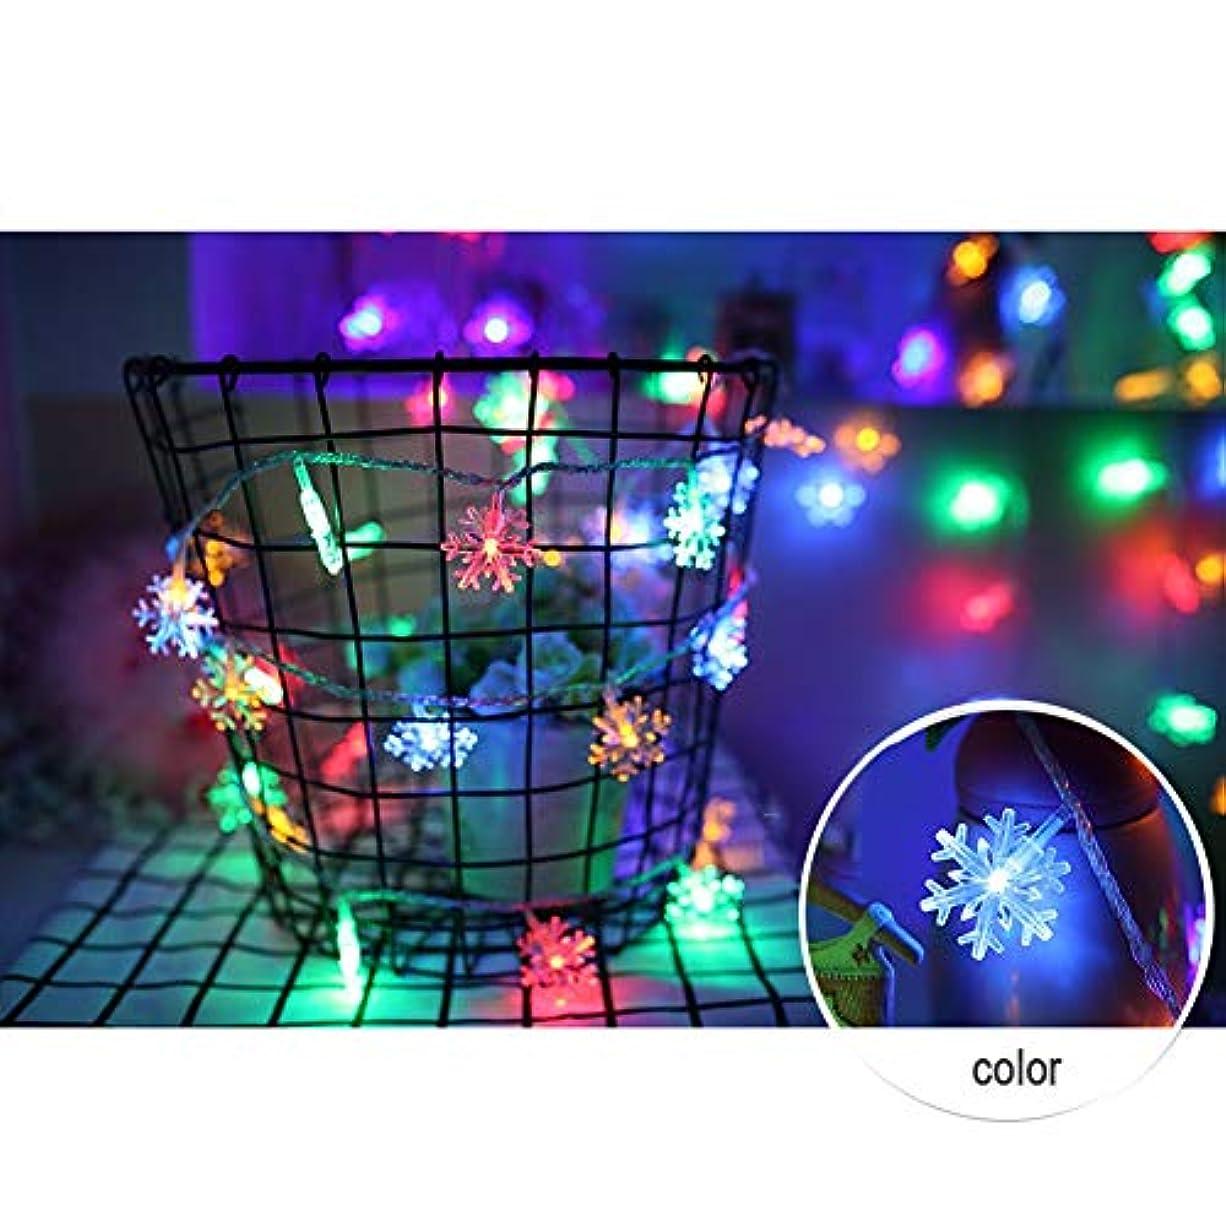 委員長疑い者とても電池式 ストリングライト - 防雨型 スノーフレークLEDイルミネ ーションライト ロマンチックな雰囲気を作る屋外用 ワイヤーライト イルミネーションライト、庭、パティオ、バルコニ、ークリスマス